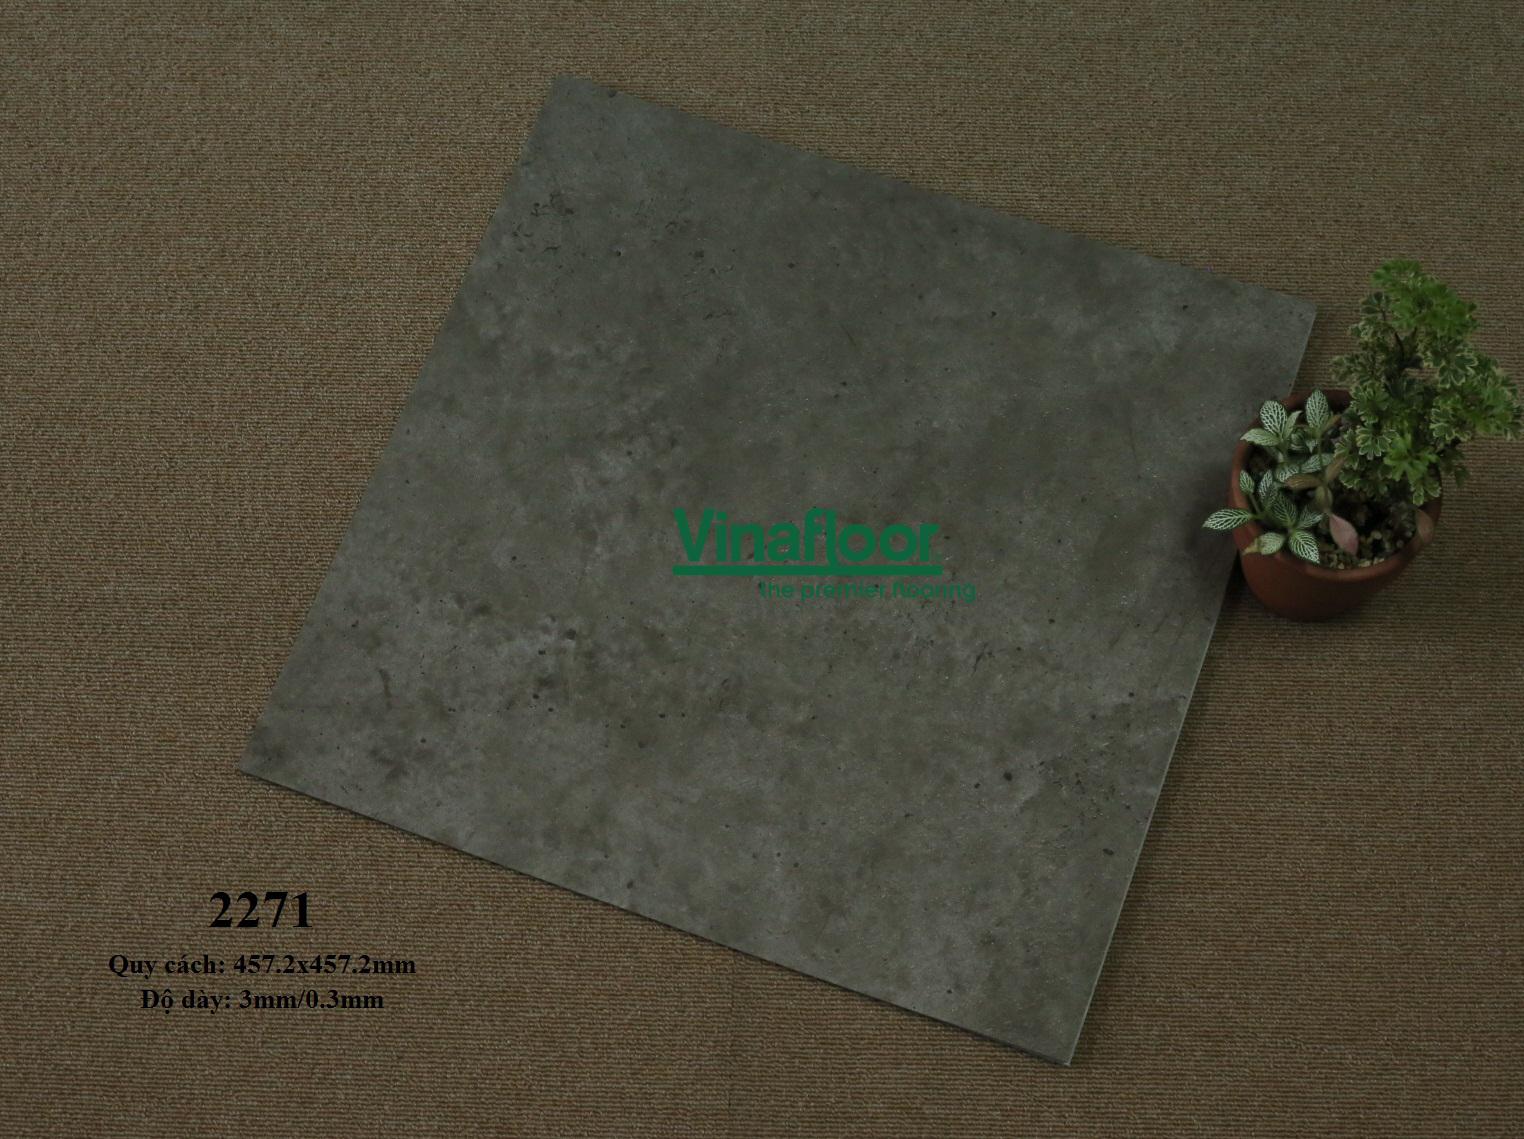 Sàn nhựa giả đá dls2271